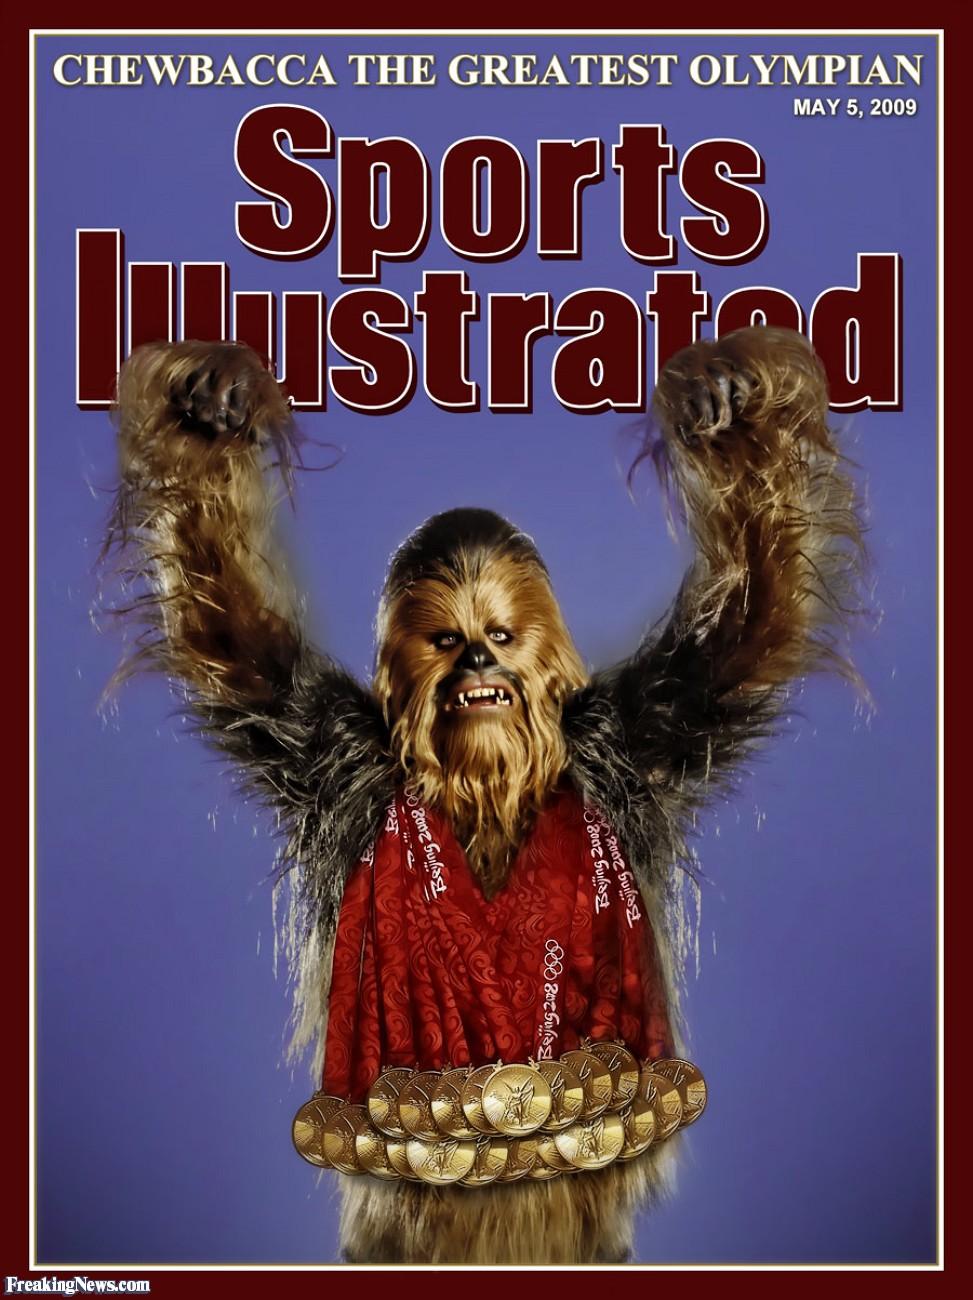 ----- LA NOUVELLE STARFACTOR ACADEMYX -----   Casting officiel 2011   [Flood autorisé] Olympic-Hero-Chewbacca-56630